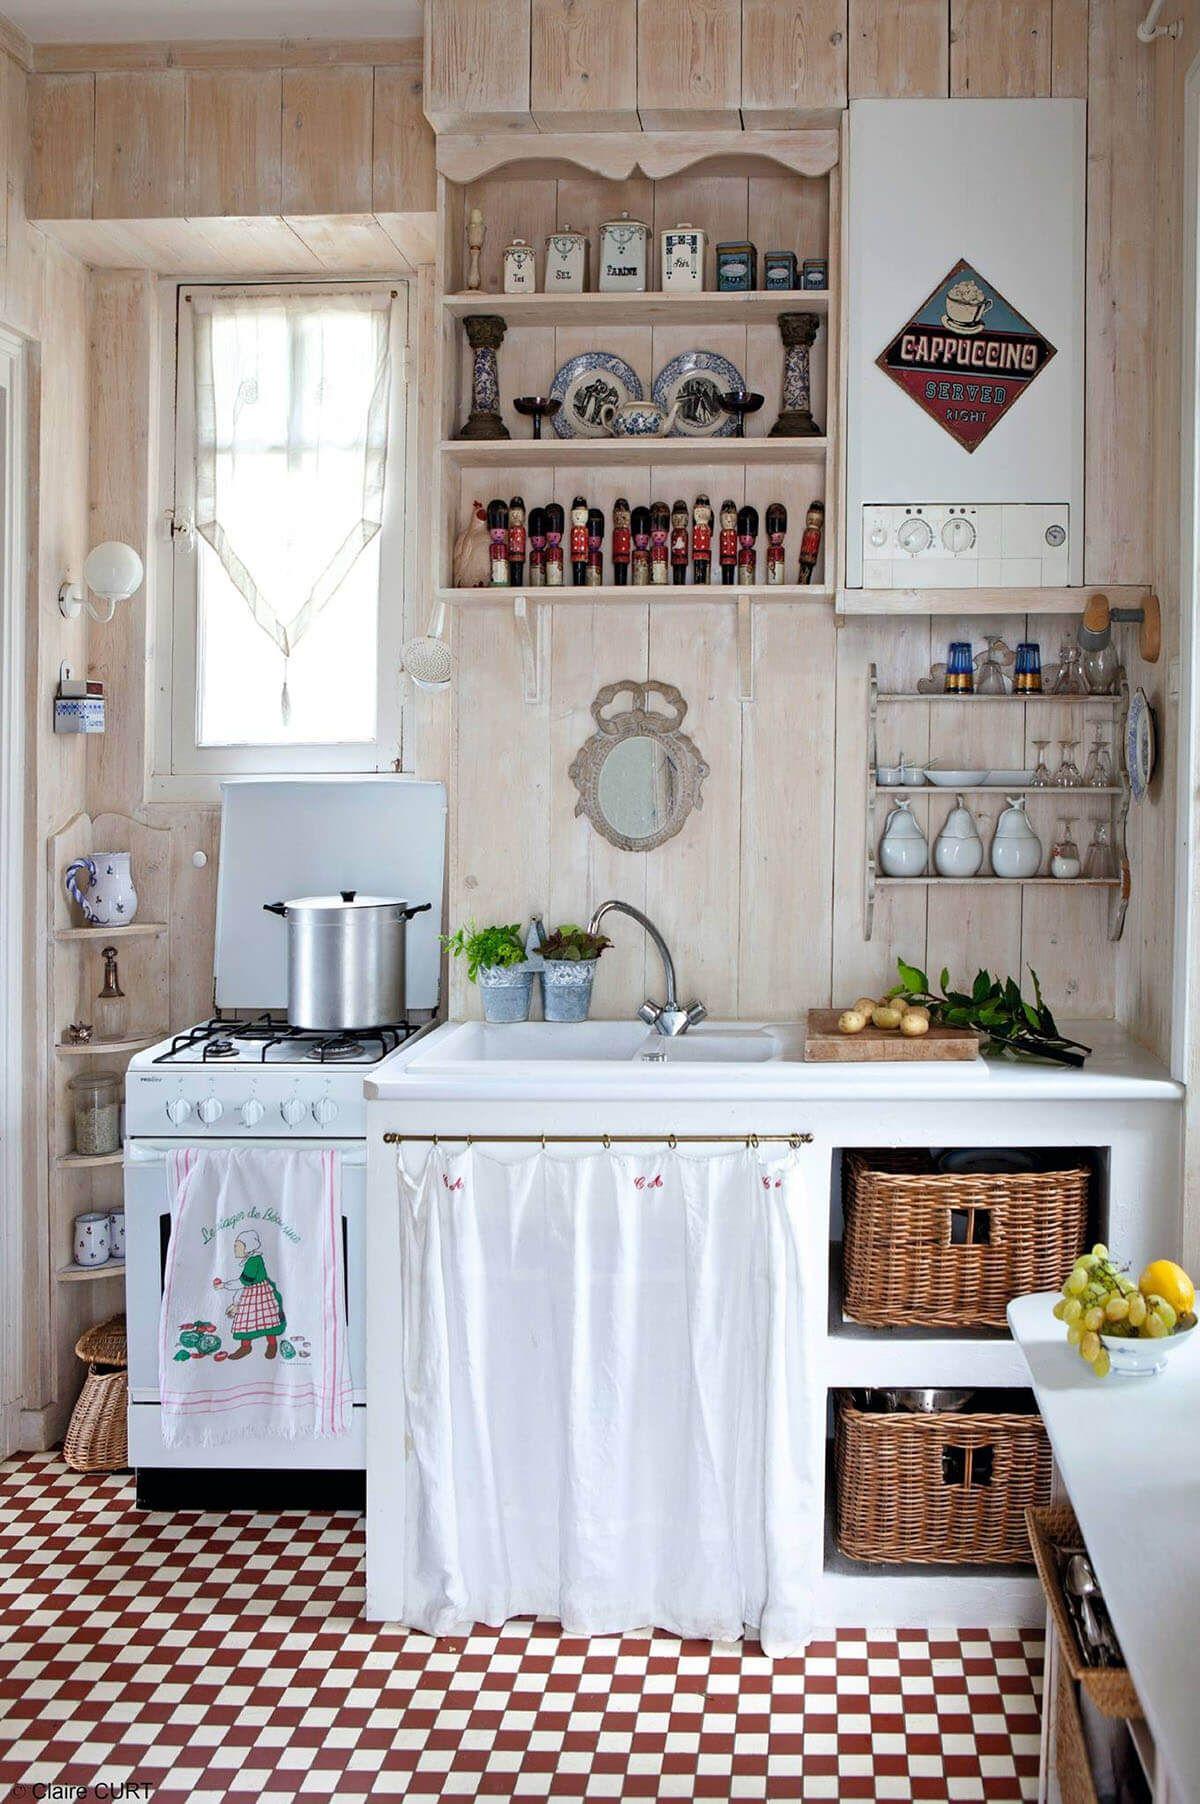 Cocinas Pequenas Muy Originales Que Te Inspiraran Organizar